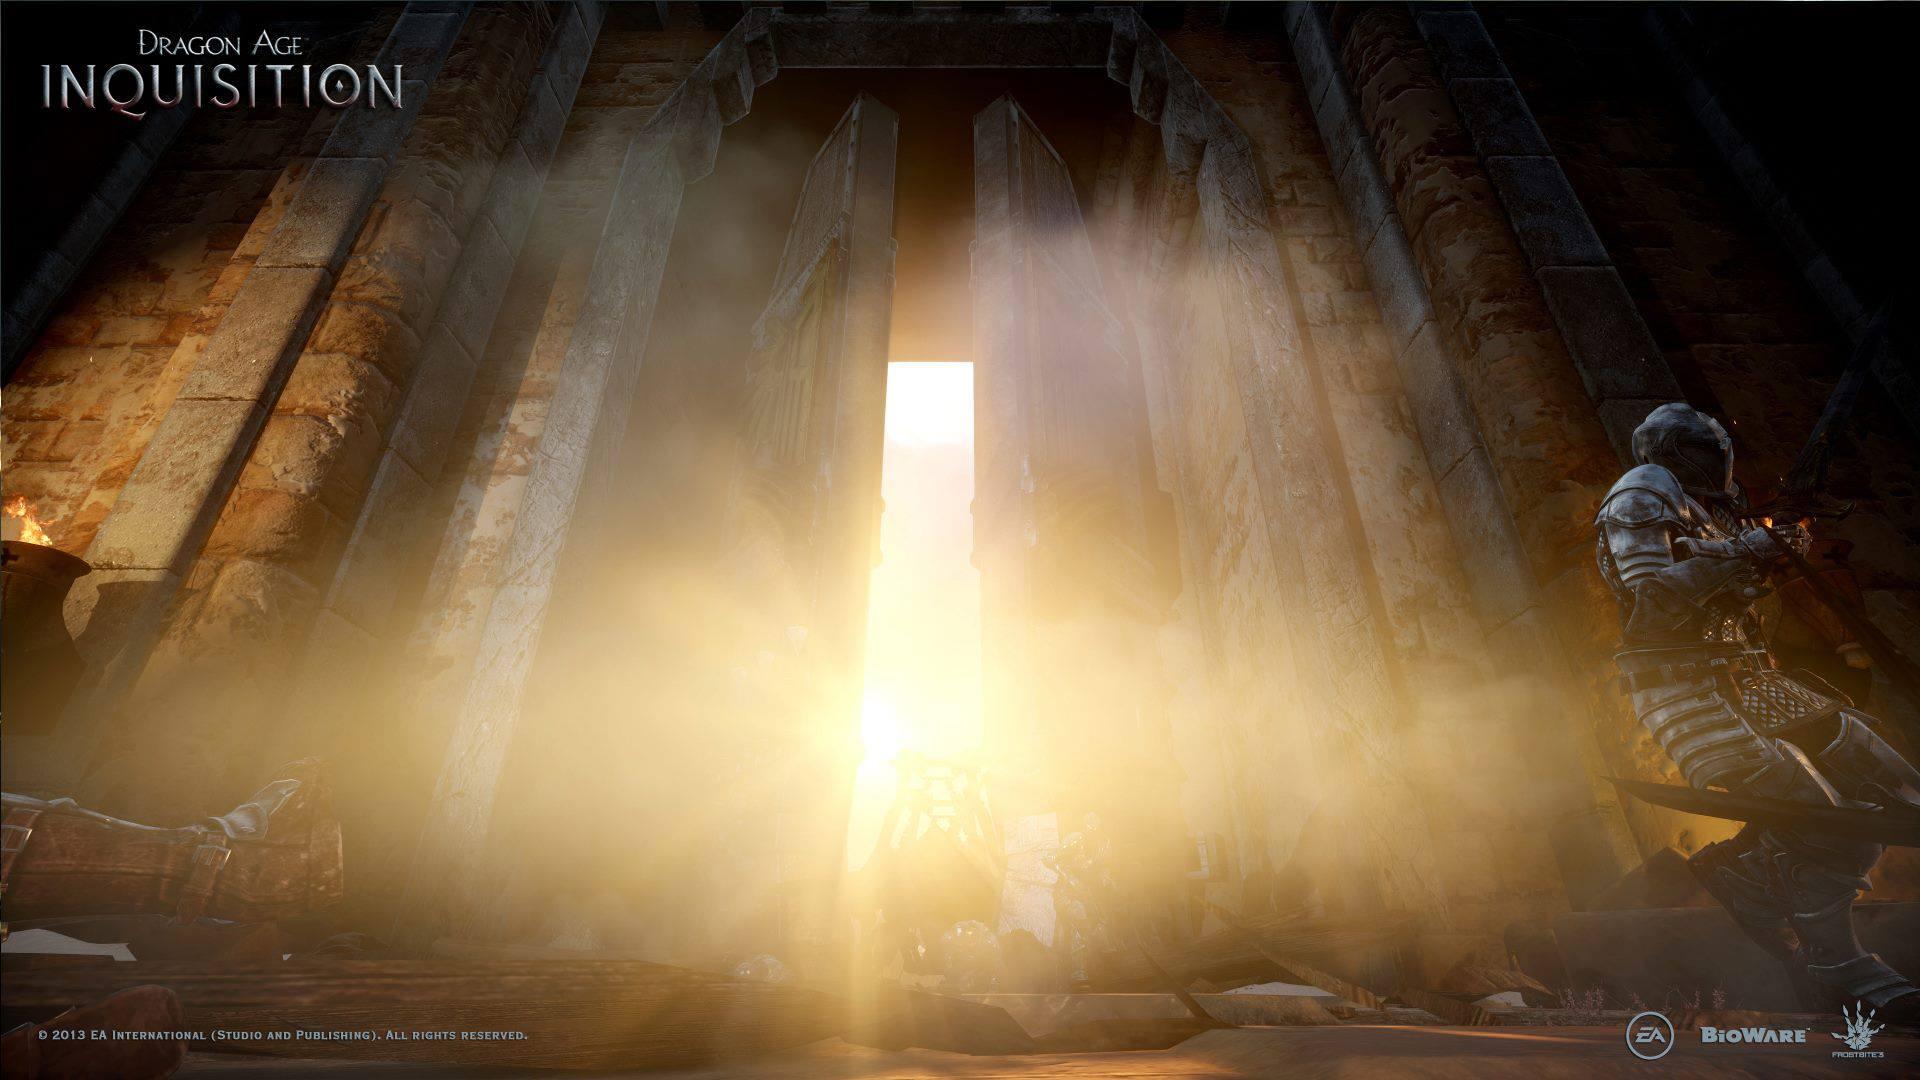 VengefulTemplar/Dragon Age: Inquisition - Concept Art 8